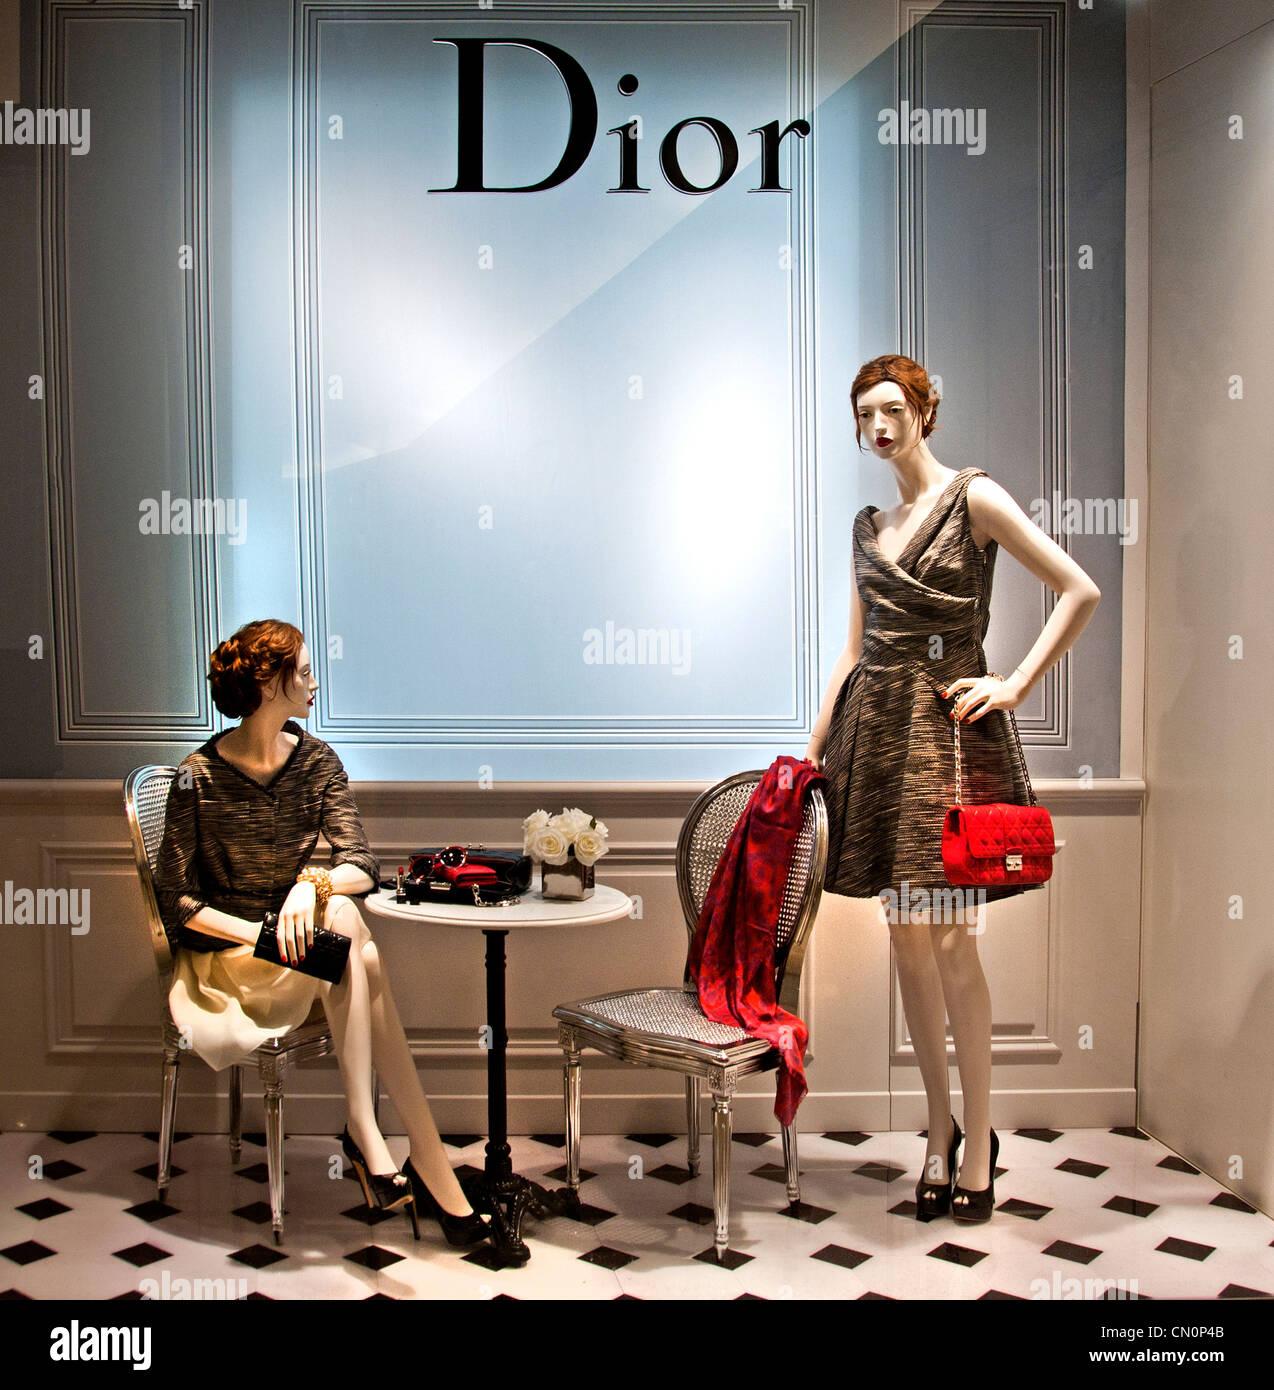 Dior Le Bon Marché Paris Frankreich Mode-Kaufhaus Stockbild